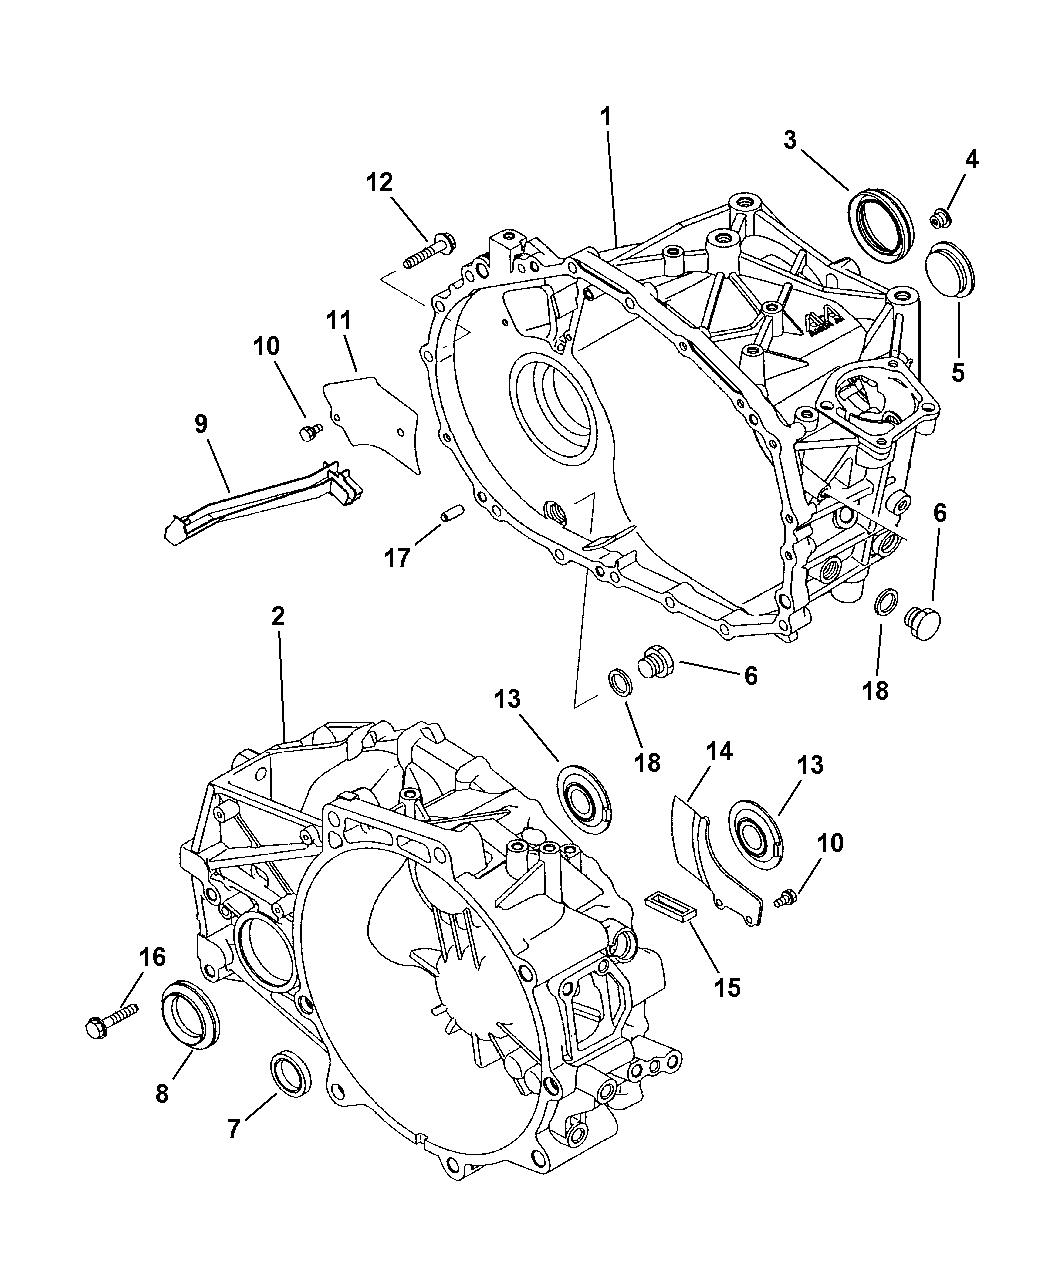 2008 dodge caliber manual